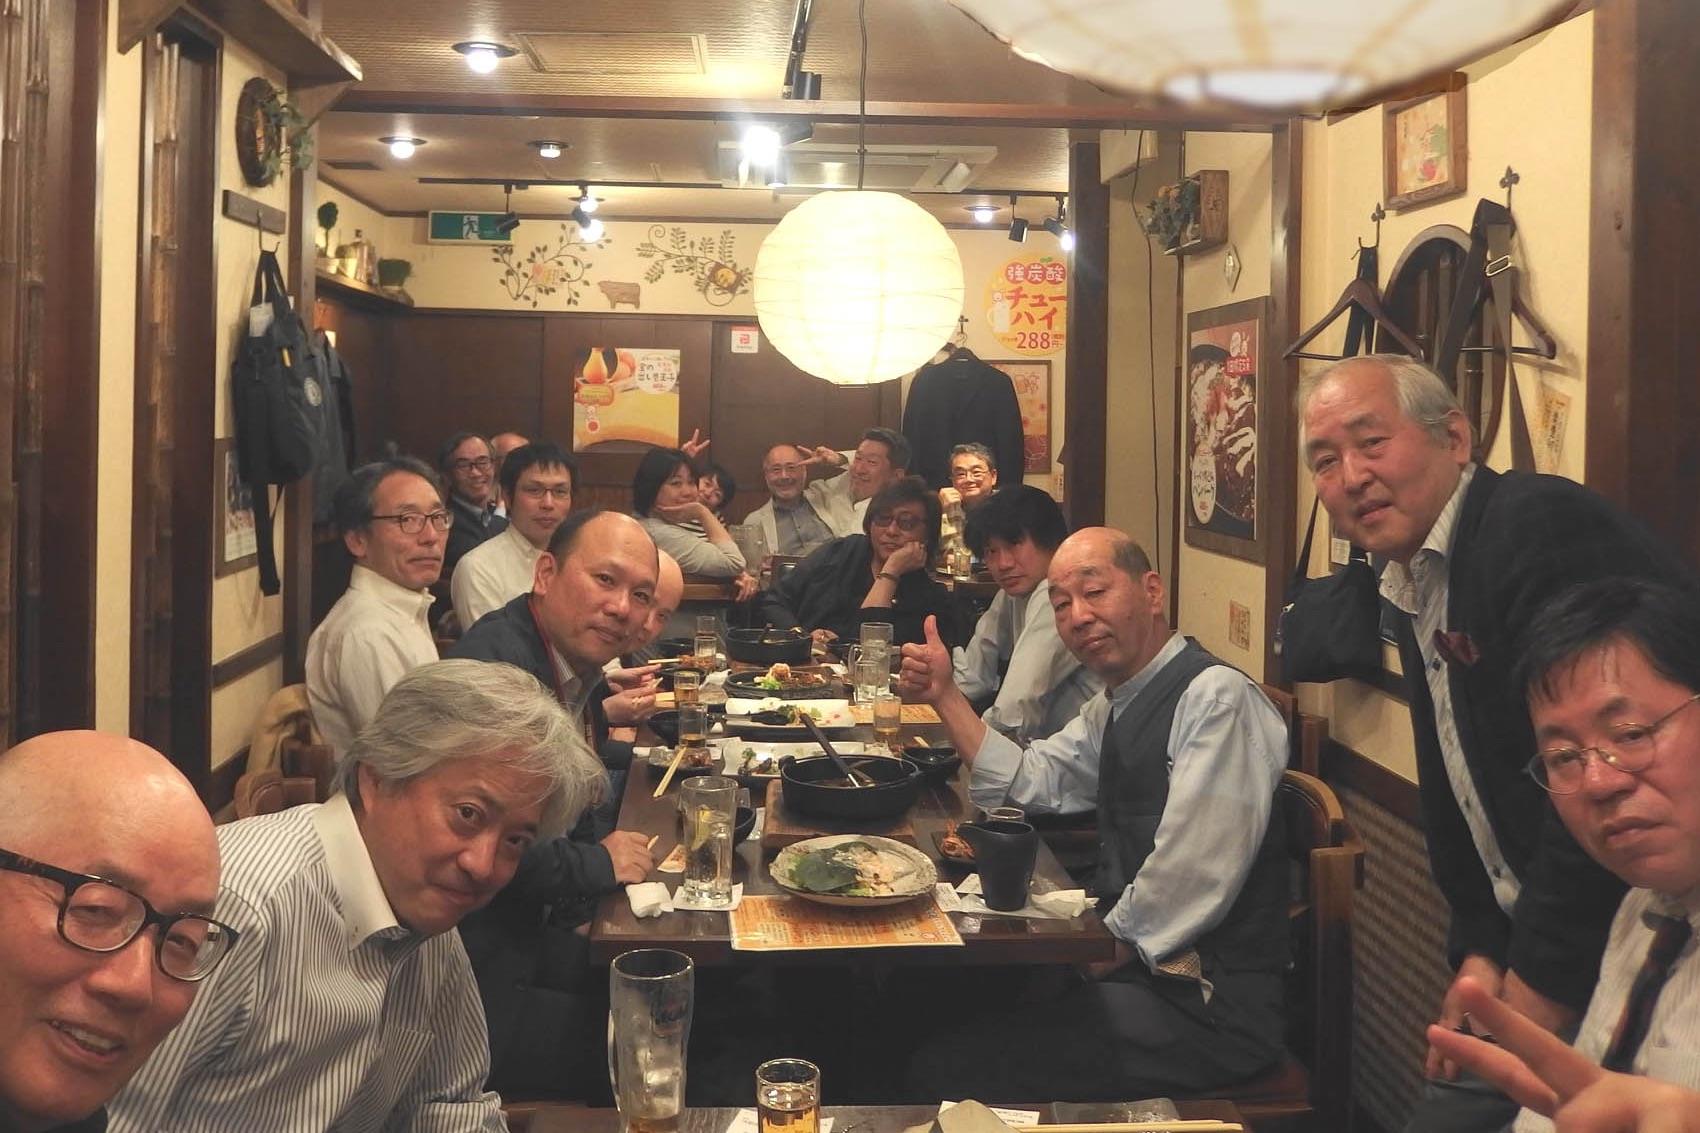 のみなーるとは、DMW東京が発祥の飲み会とゼミナールを意味する造語です。